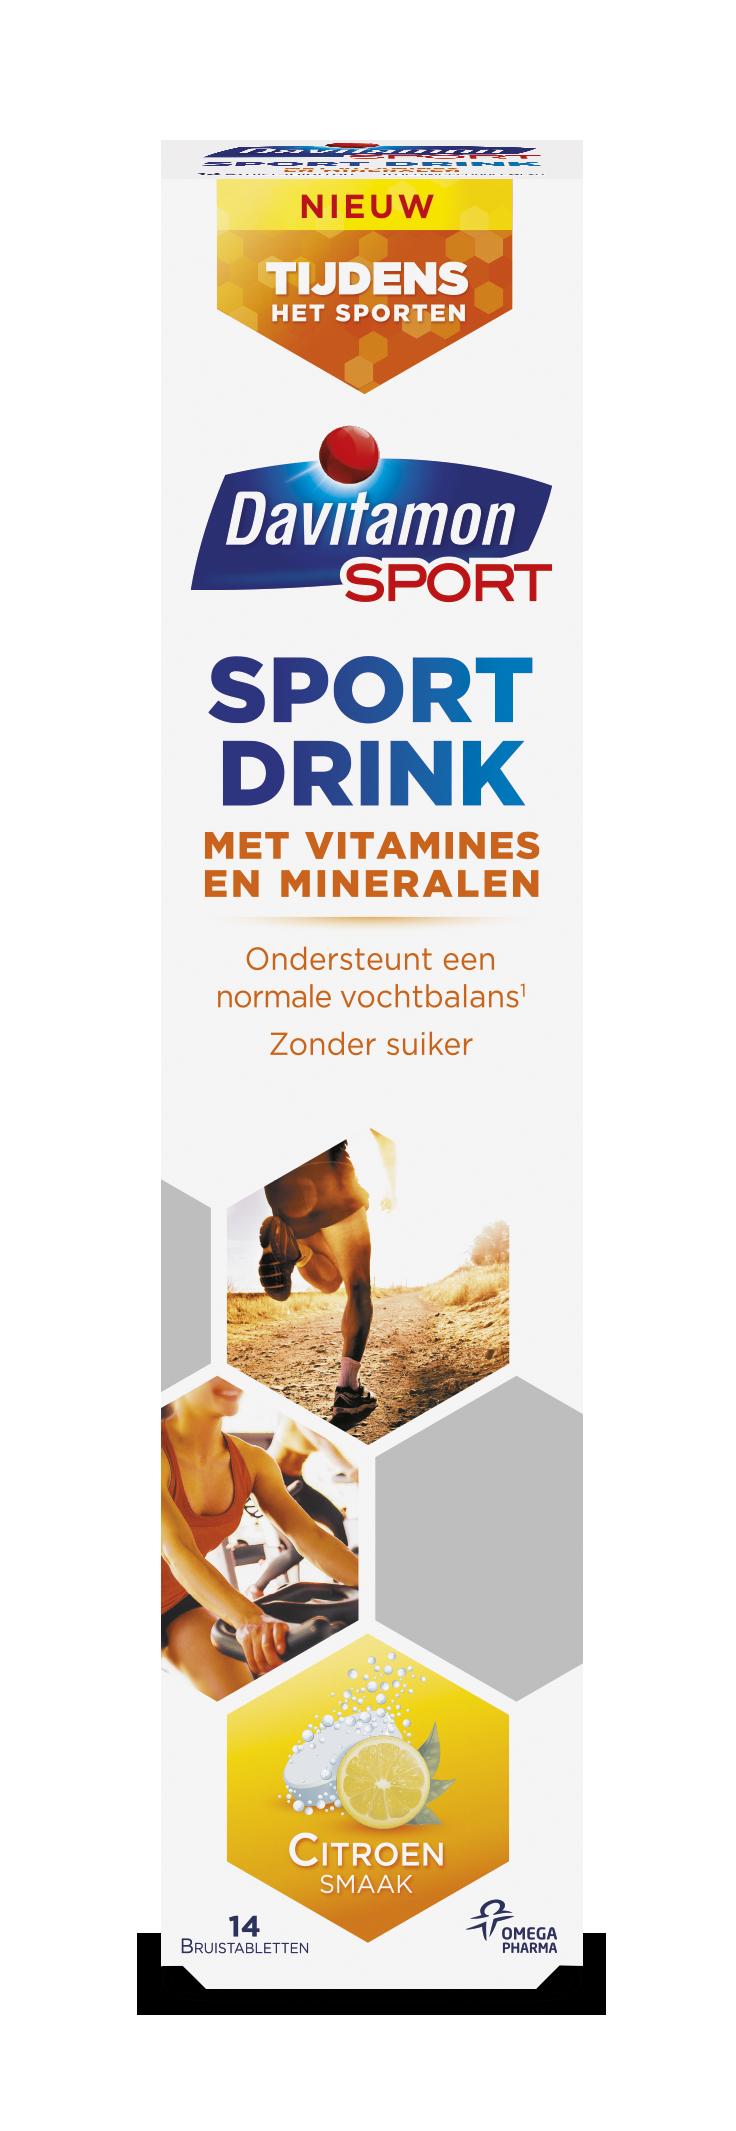 Davitamon Sport Drink Bruistabletten Verpakking